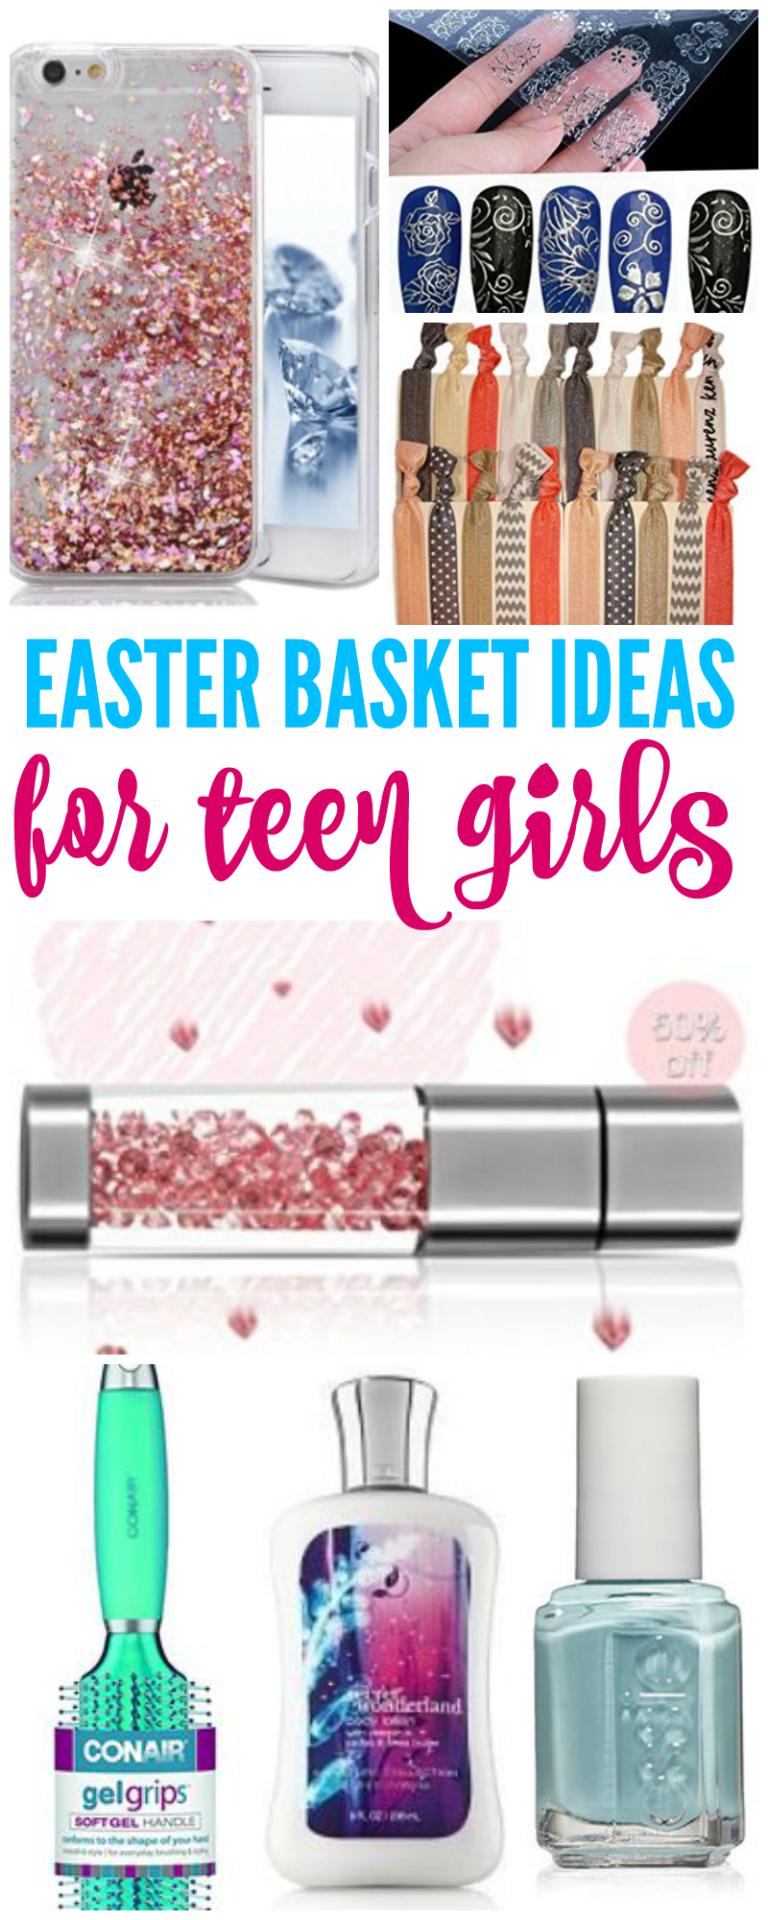 Z teen girl easter baskets pinterest easter ideas boys pinterest z teen girl easter baskets pinterest negle Images